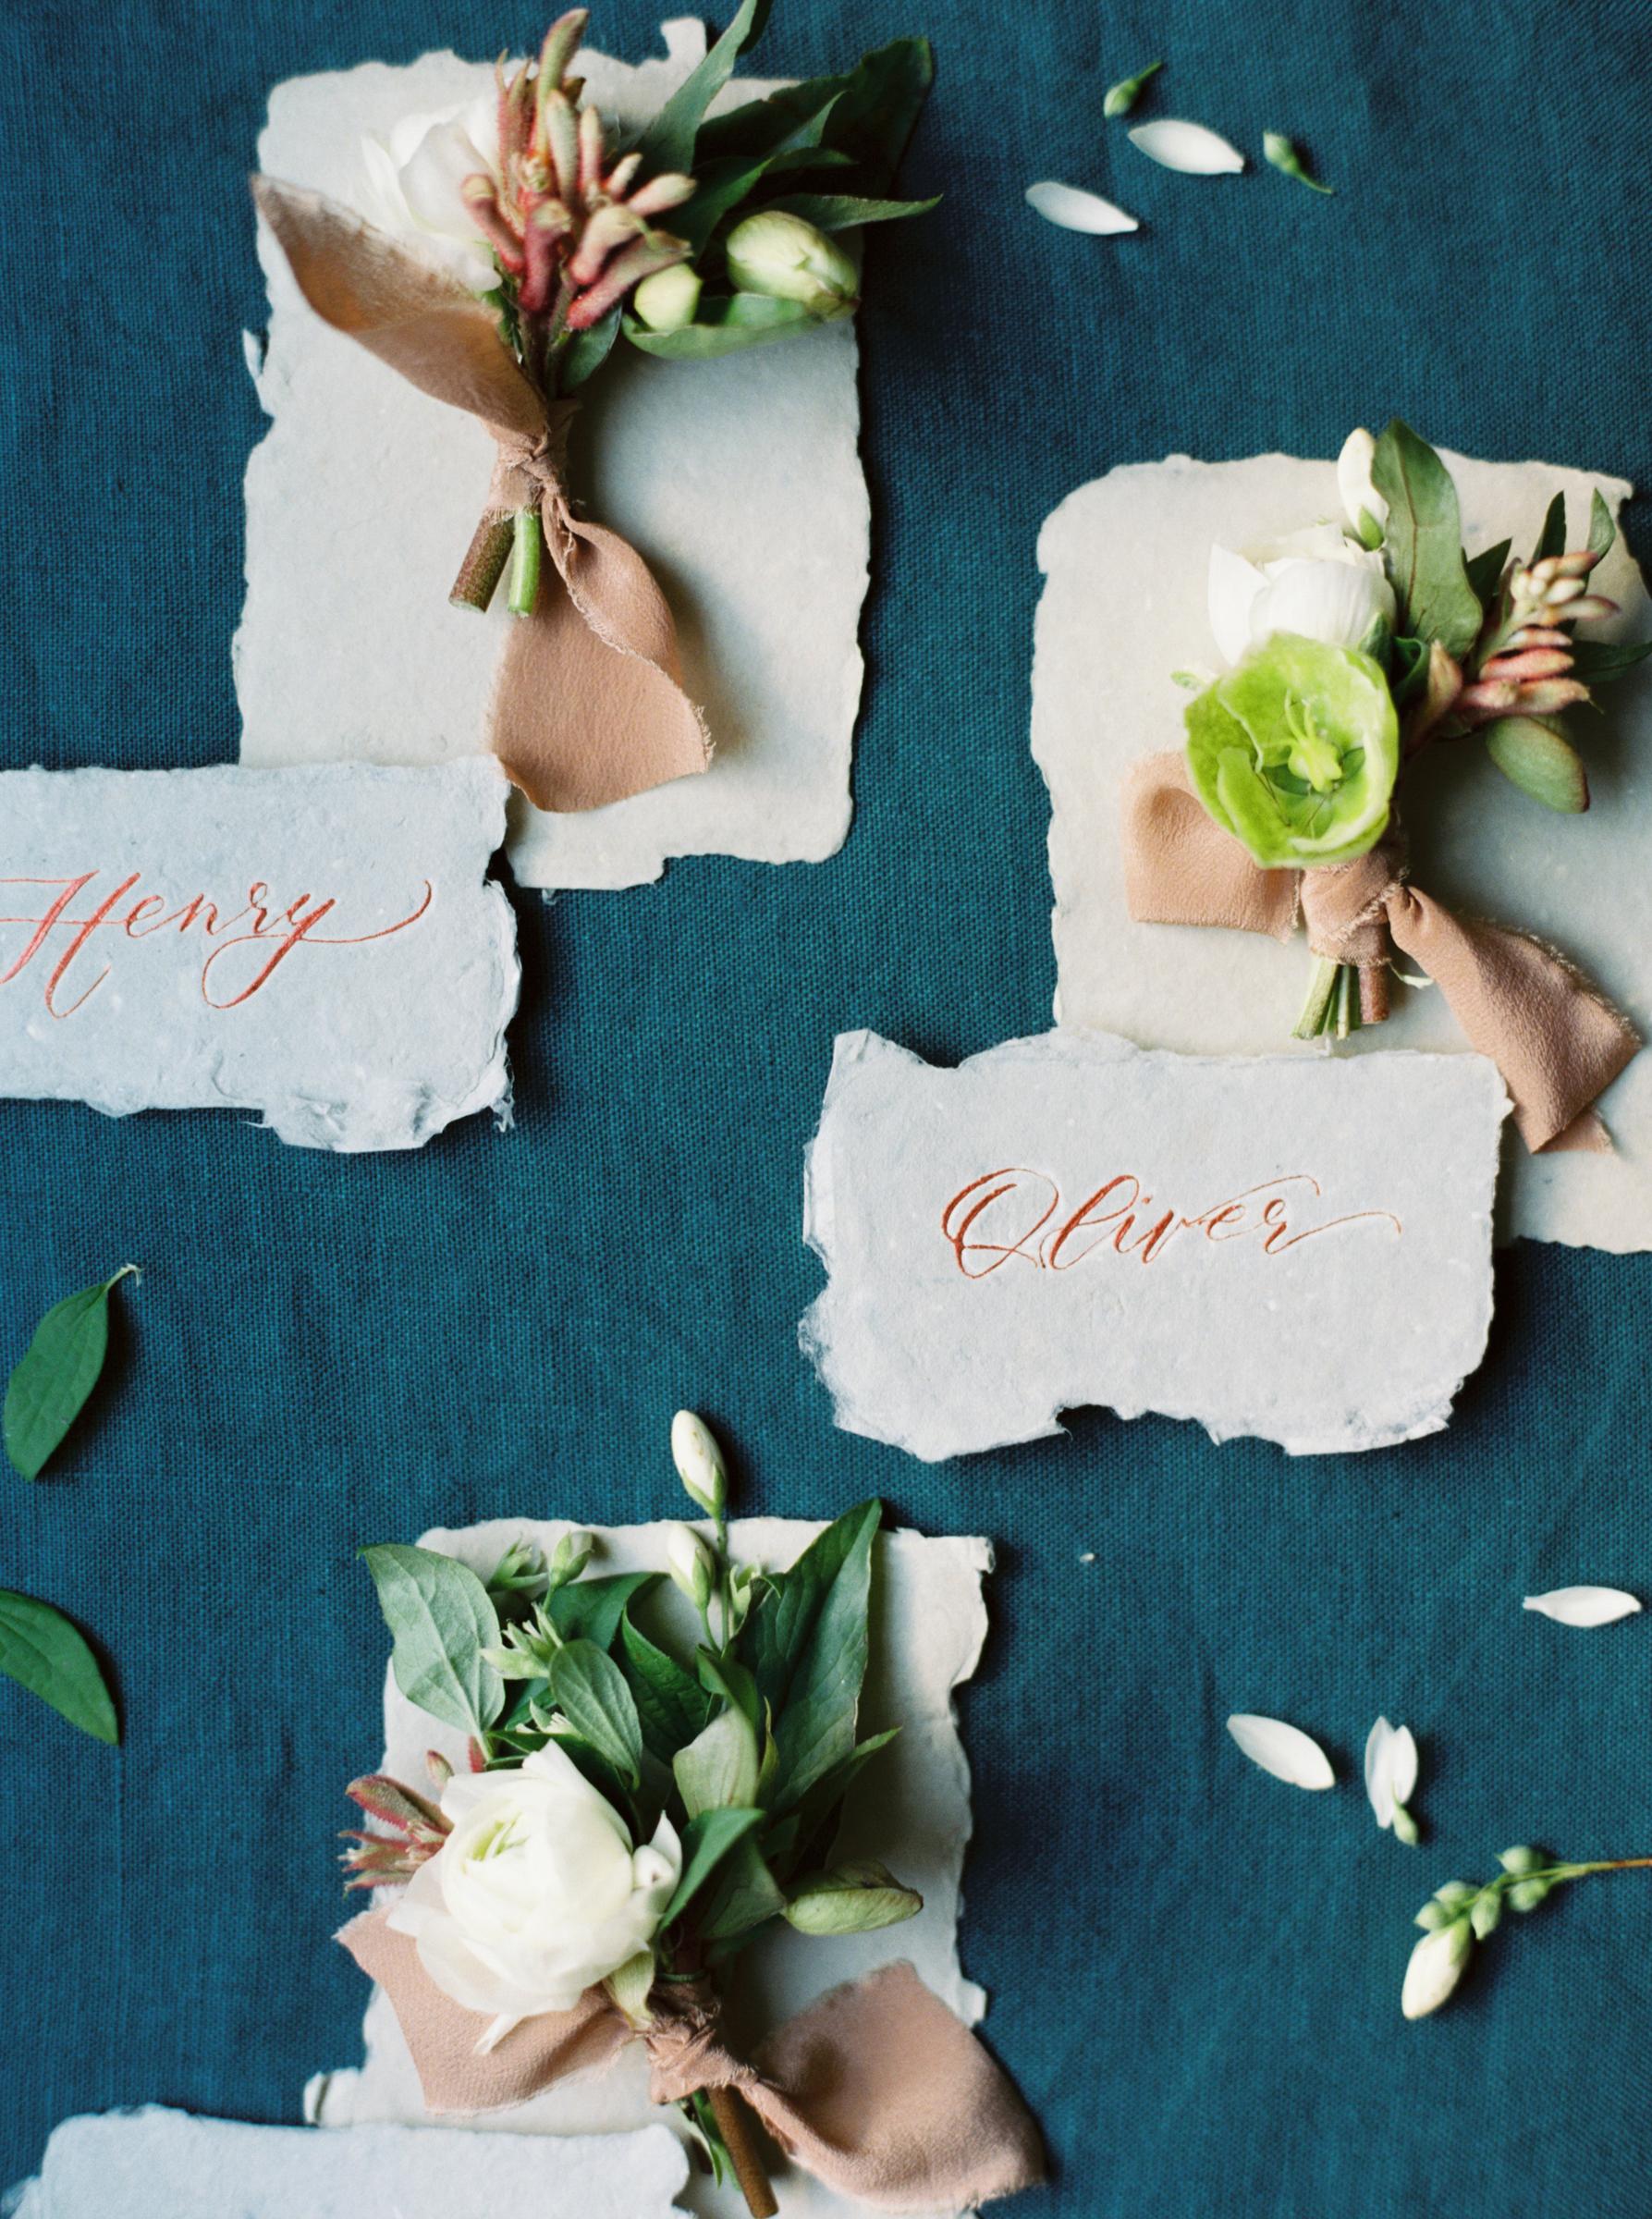 Race-and-religious-wedding-inspiration-shannon-skloss-3.jpg